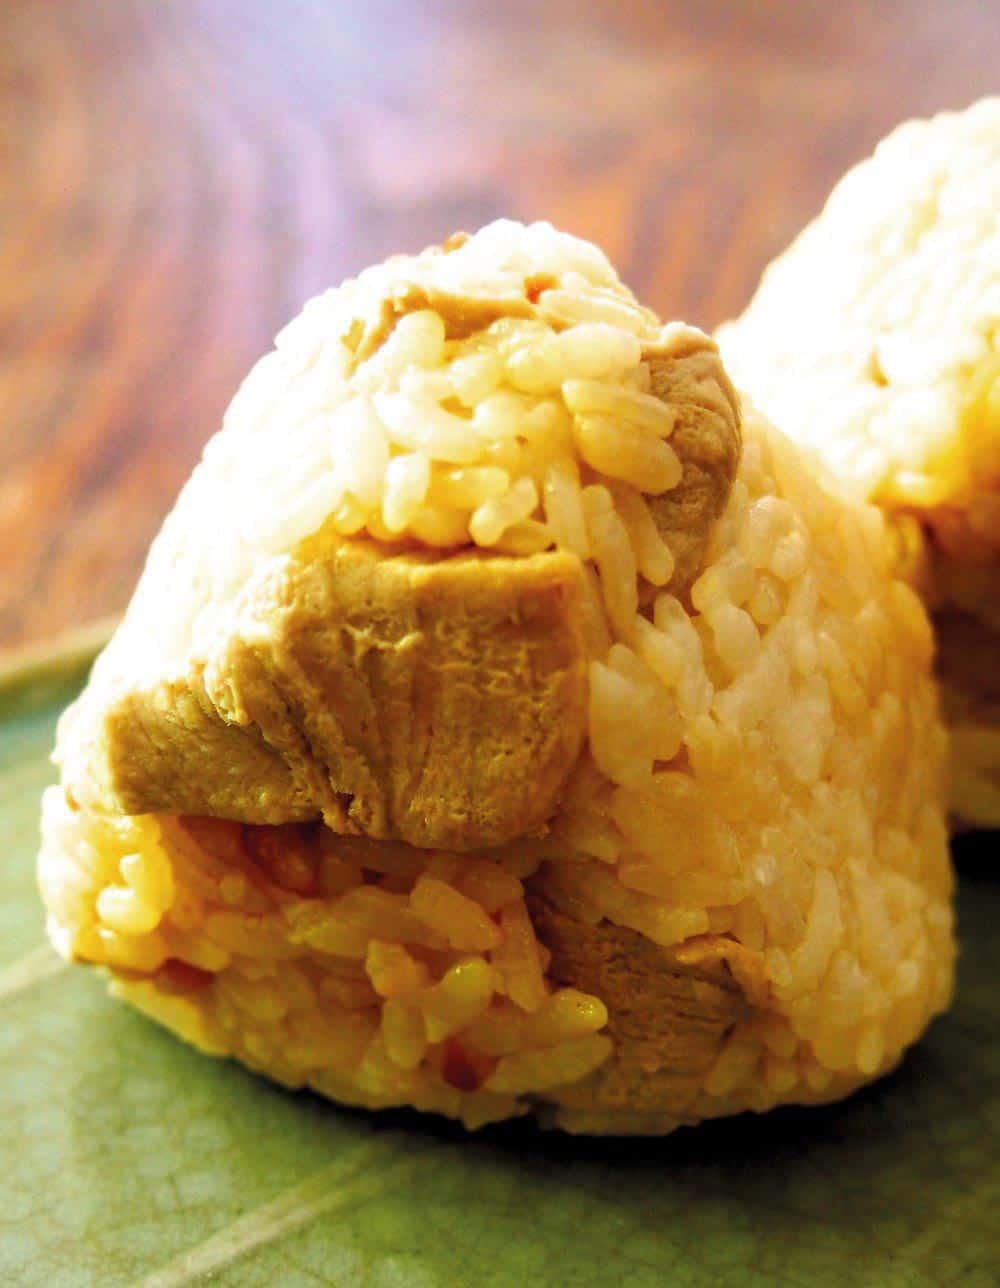 คัตสึโอะเมชิโอนิกิริ ข้าวปั้นผสมเนื้อปลาคัตสึโอะชิ้นโตๆ ของ จ.โคจิ